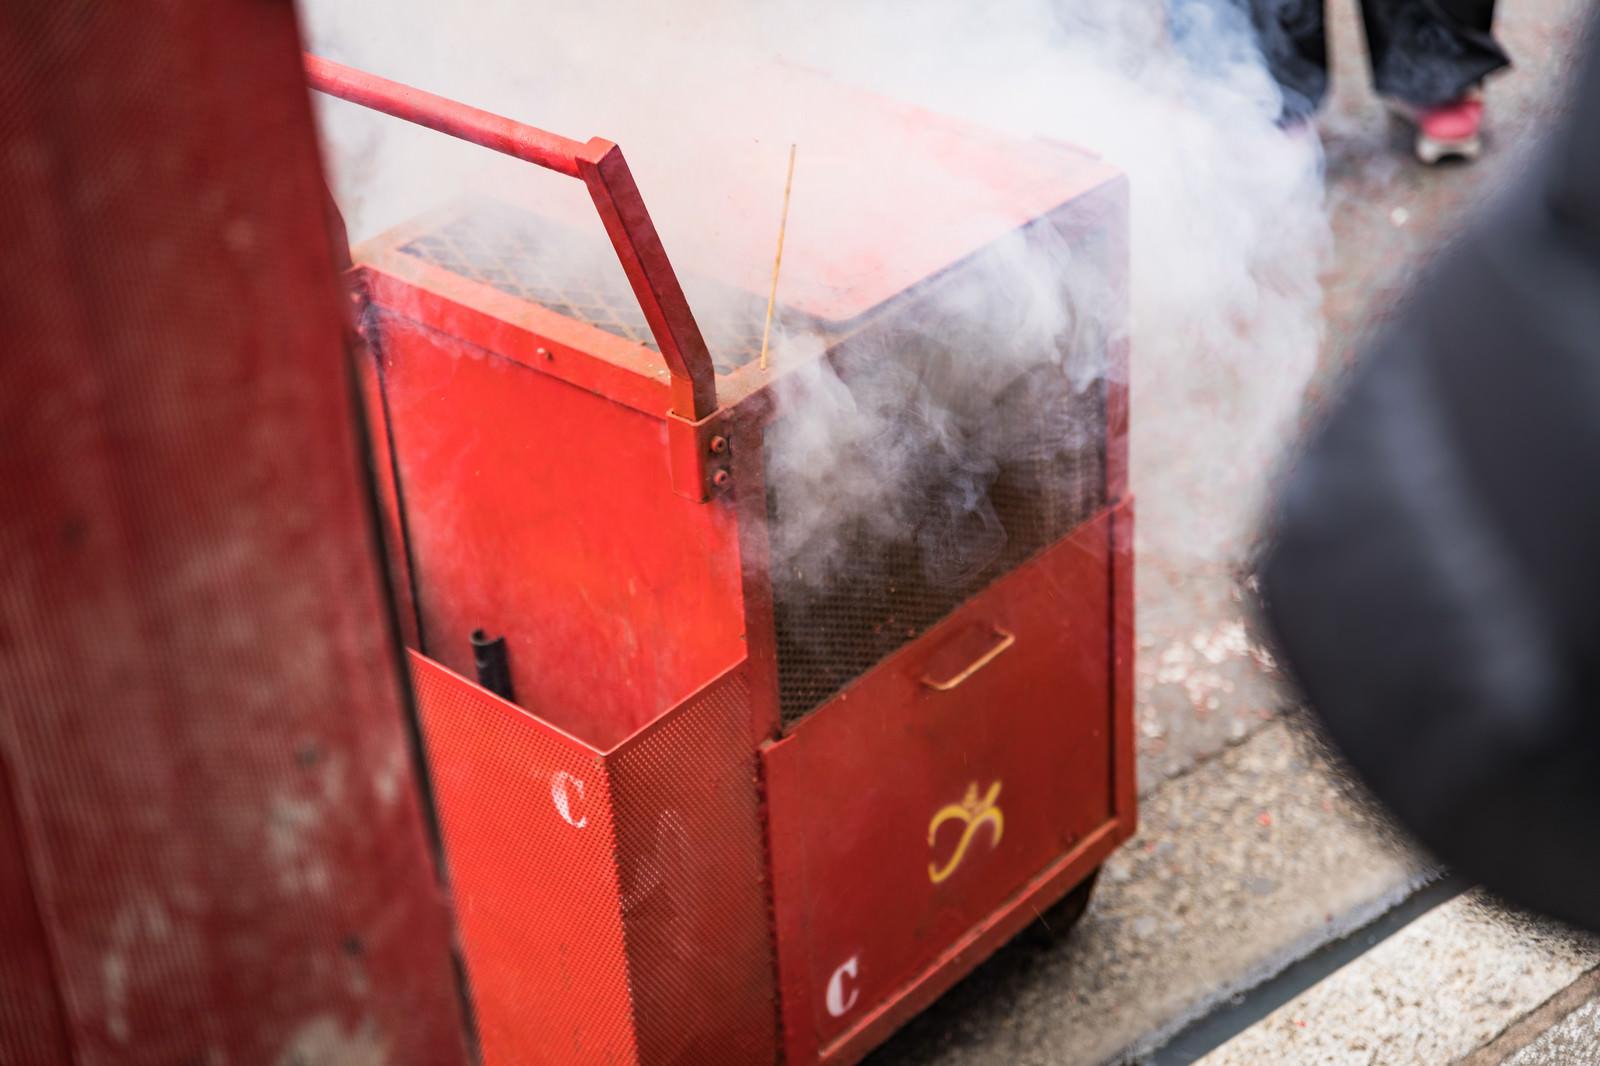 「煙が吹き上がる爆竹箱」の写真